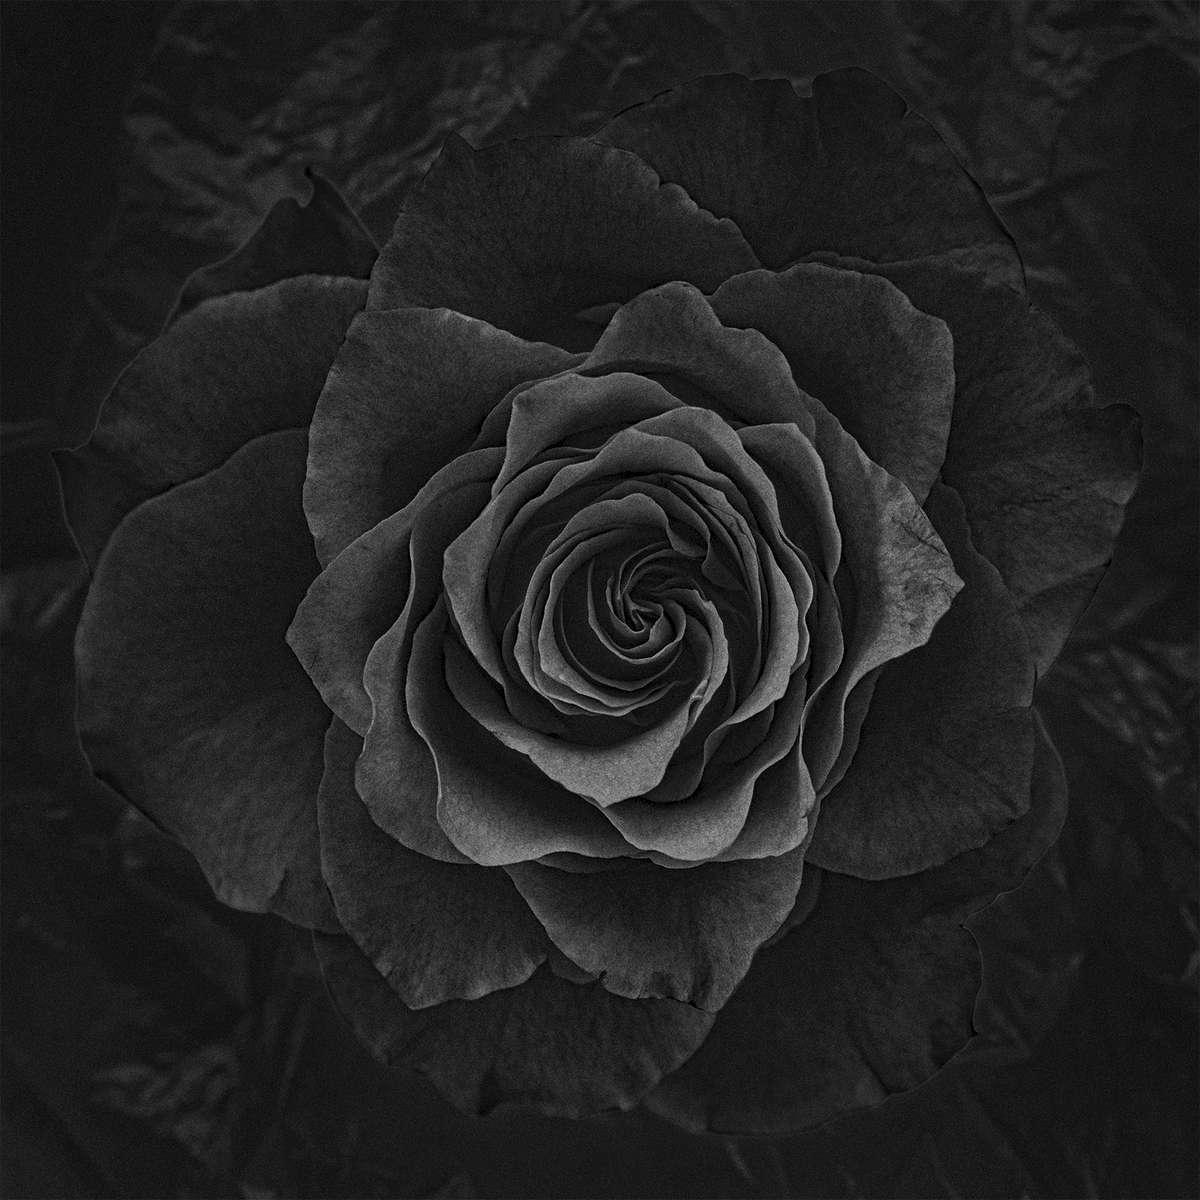 sqflower01